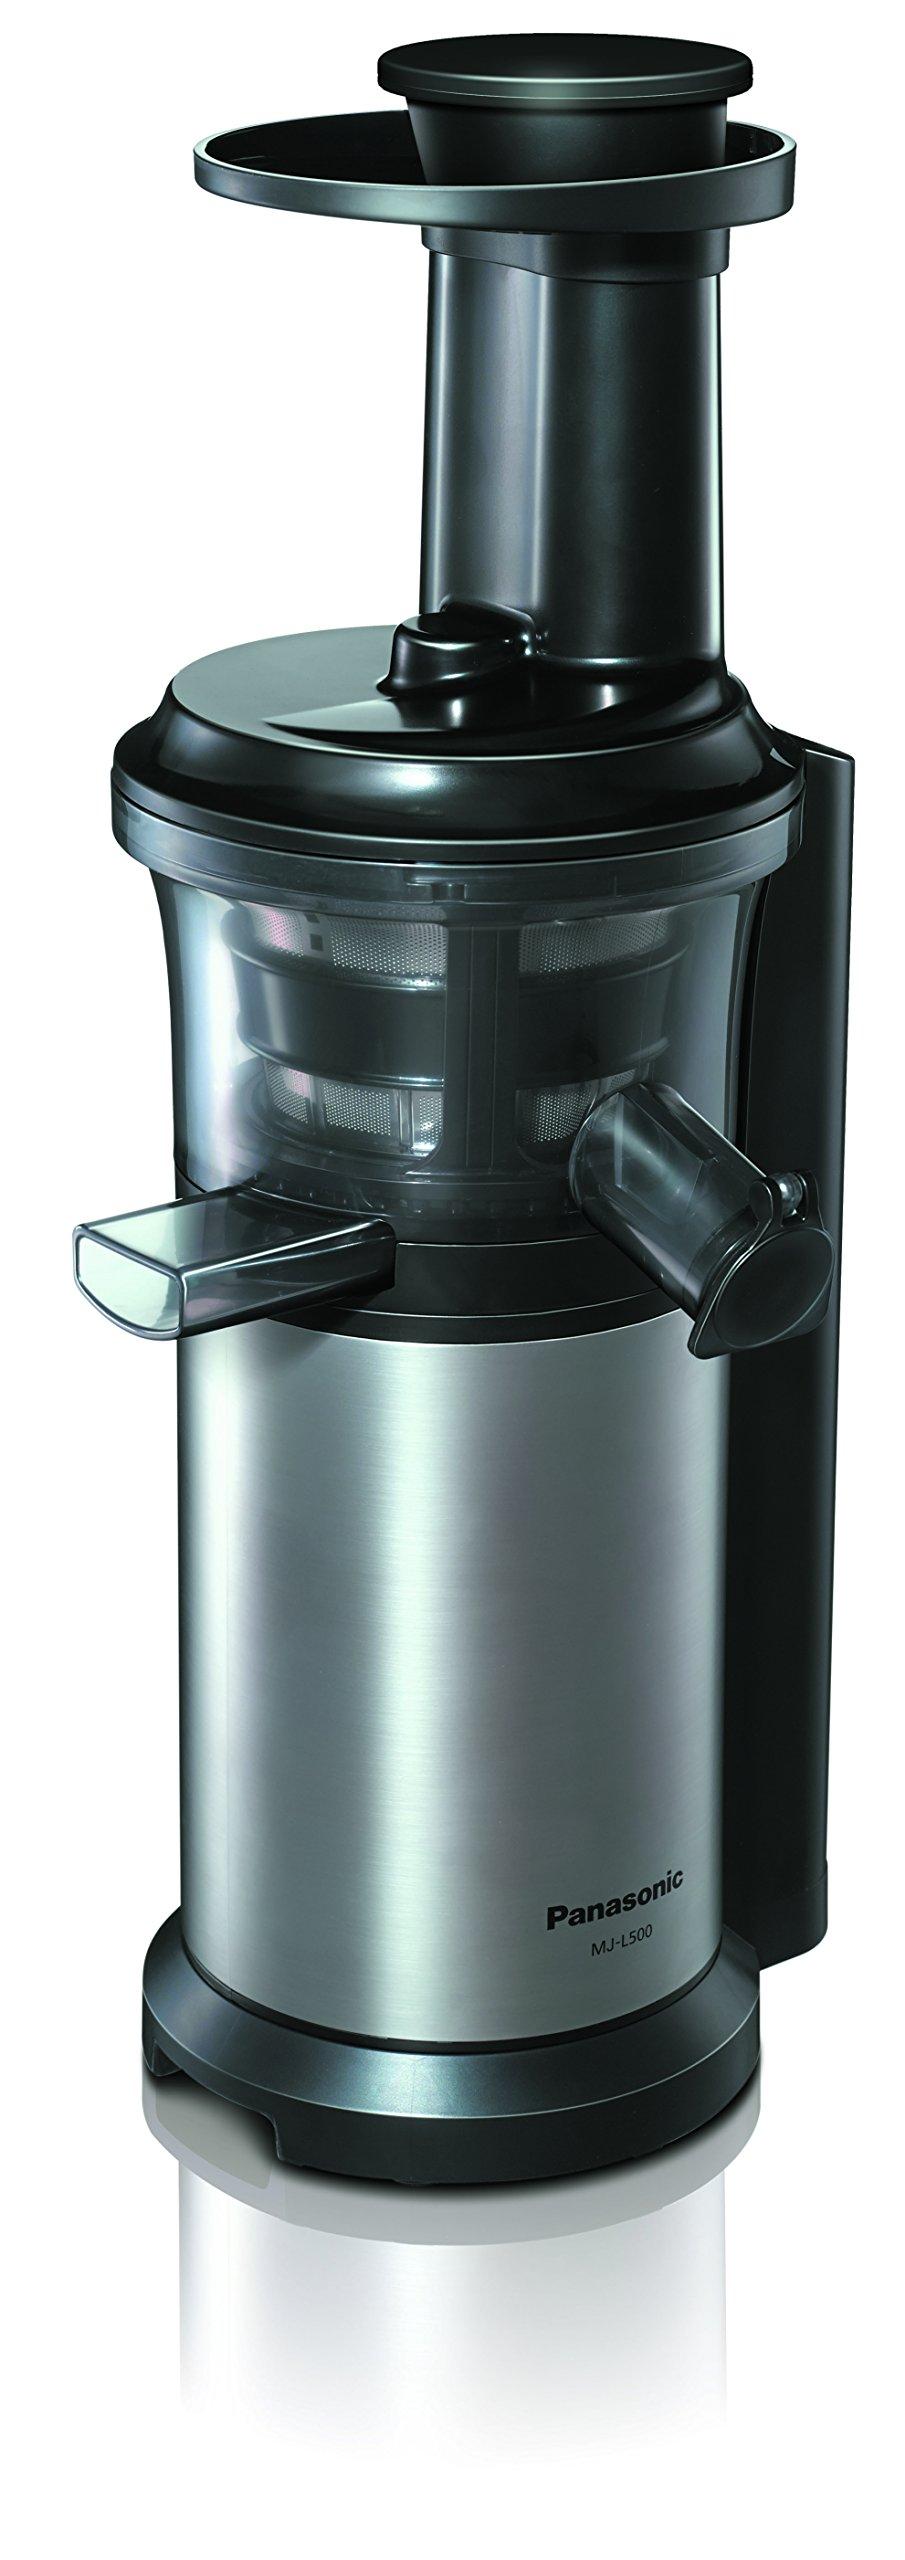 Panasonic MJ-L500 Exprimidor de Velocidad Lenta, 150 W, 1.3 litros, 2